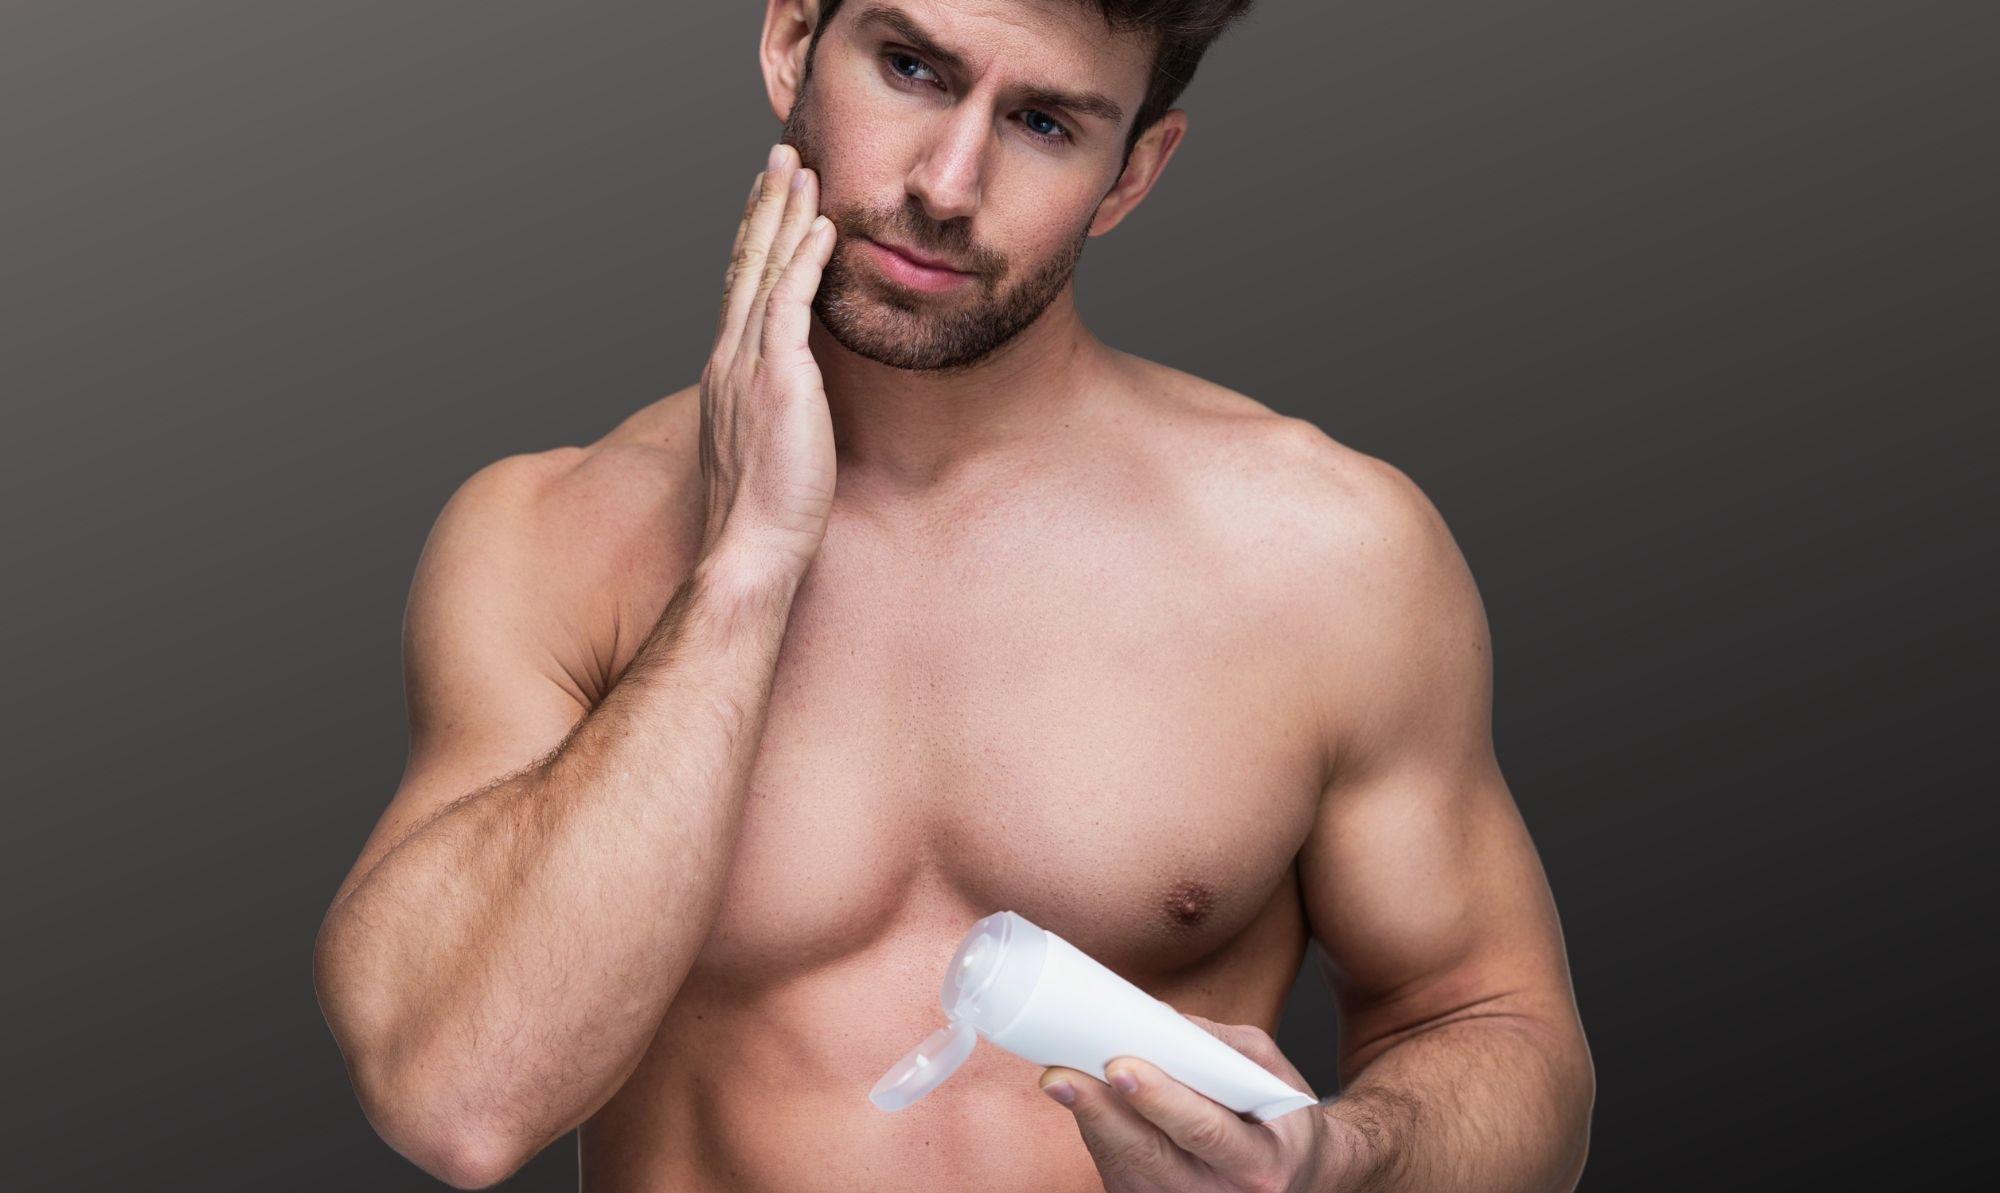 Homem No Espelho - Como proteger a pele da luz visível